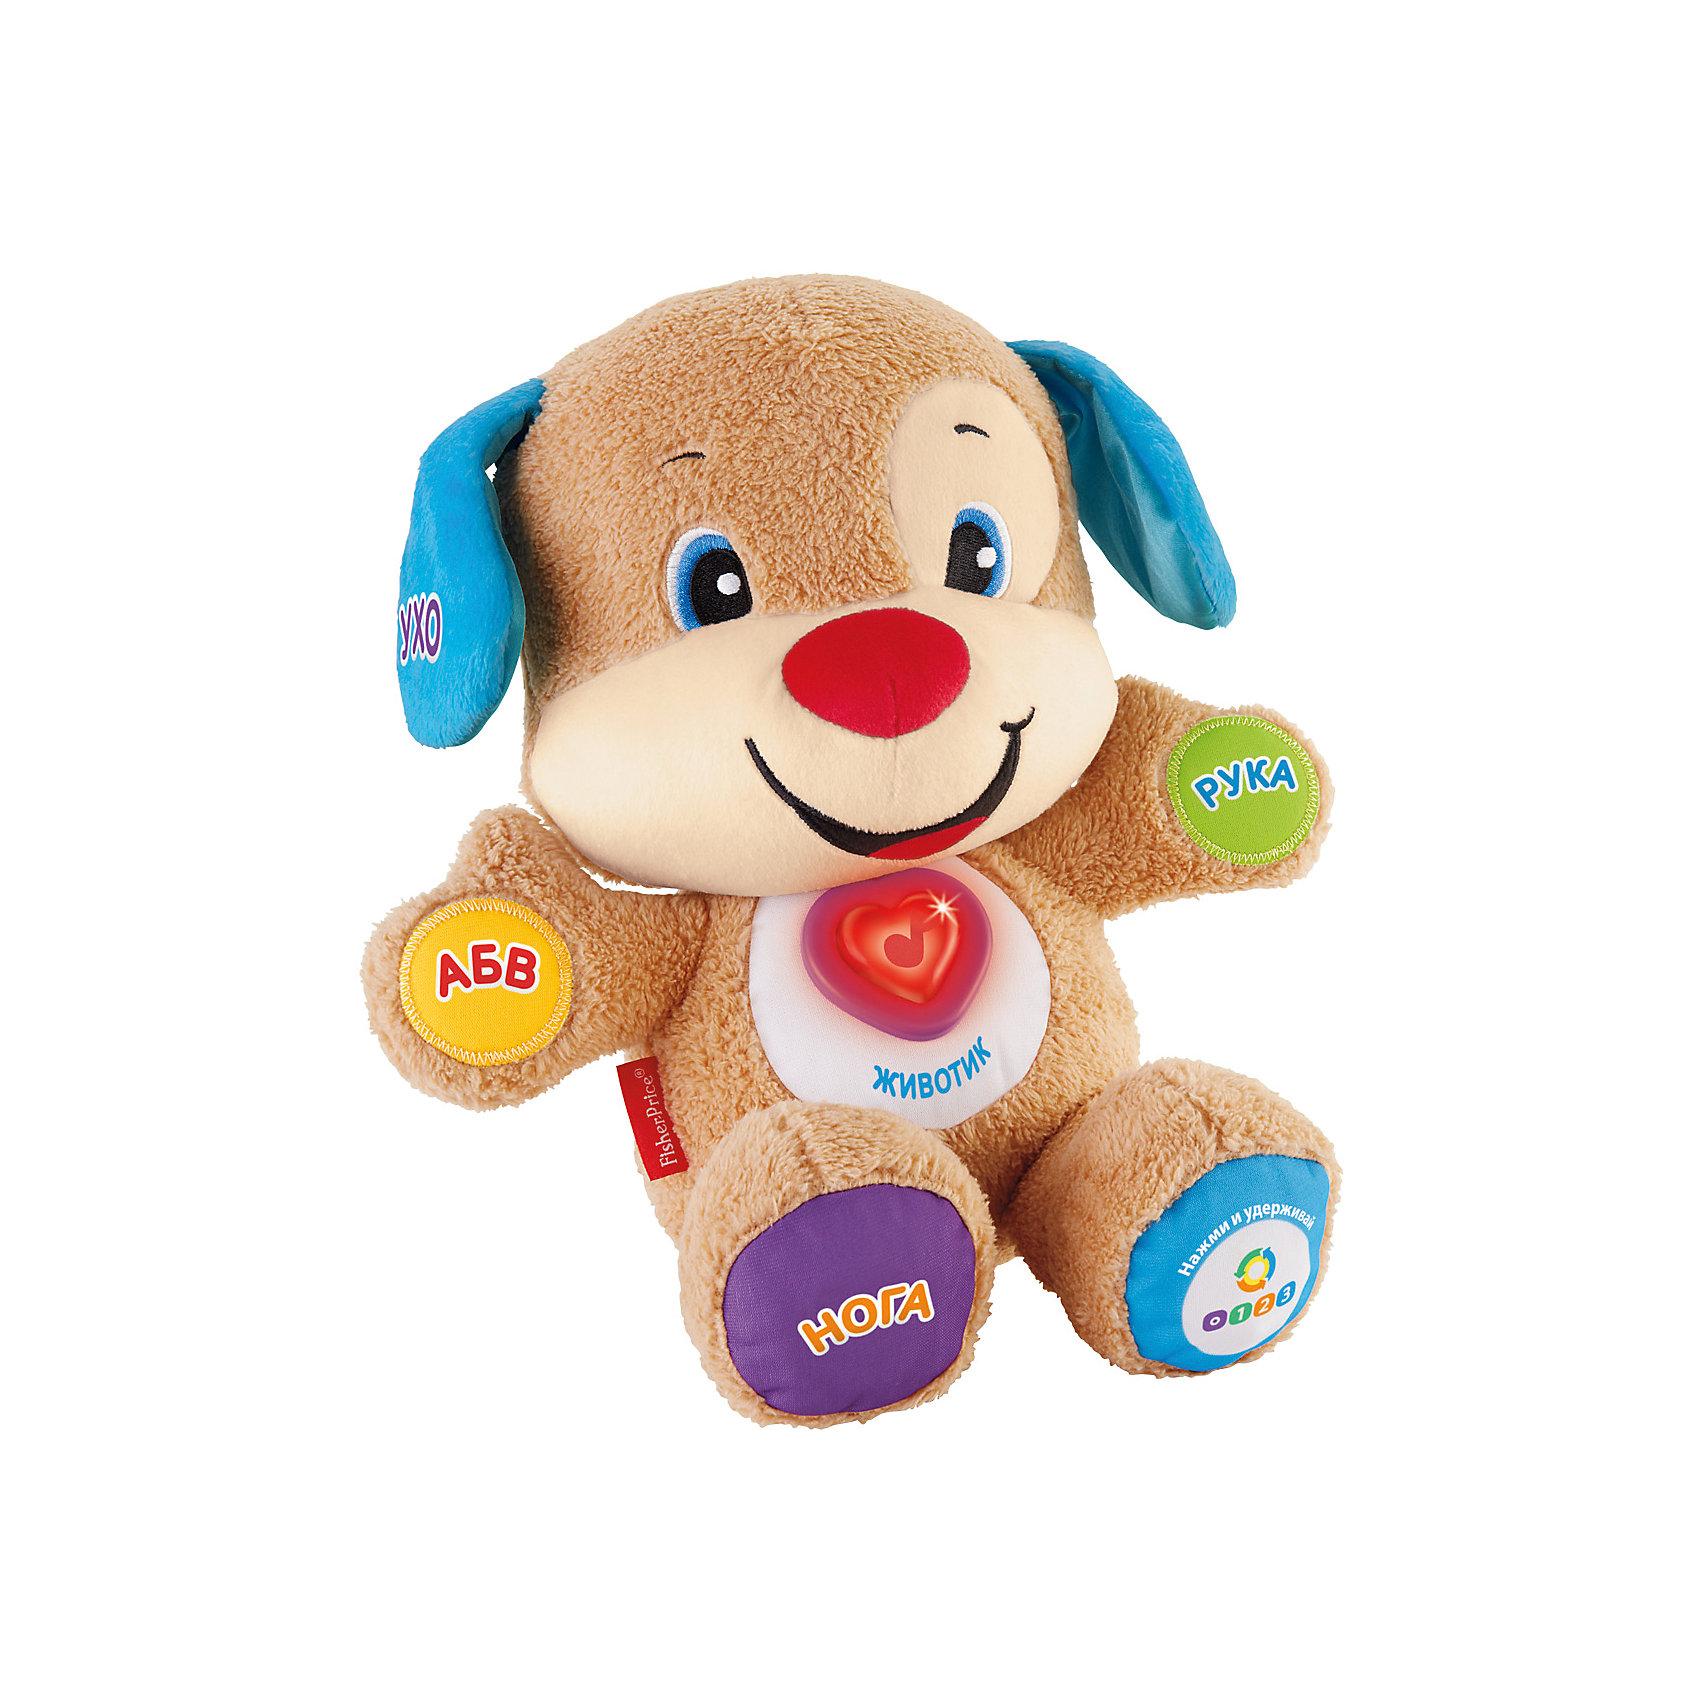 Ученый щенок с технологией Smart Stages, Fisher-priceИнтерактивные игрушки для малышей<br>Милый, приятный на ощупь щенок станет другом вашему малышу. Вместе с ним кроха познакомится с буквами и цветами, узнает как называются части тела, и просто замечательно проведет время!  В обучающем режиме, нажимая на шесть точек на плюшевом щенке, малыш познакомится с алфавитом, частями тела и цветами с помощью смешных фраз и веселых песен. Переключитесь в игровой режим, и игрушка начнет произносить забавные фразы и петь песенки, а малыш может активно подпевать! В обучающем режиме предусмотрены четыре песенки: песенка про алфавит, песенка о цветах, песенка о цифрах и о частях тела. В игровом режиме доступны шесть дополнительных песенок, поощряющих активность вашего малыша. Игрушка выполнена из гипоаллергенных материалов безопасных для детей. <br><br><br>Дополнительная информация:<br><br>- Материал: мех, текстиль. <br>- Размер игрушки: 27 см.<br>- Элемент питания: 3 АА батарейки ( в комплекте- демонстрационные). <br>- 10 песенок. <br><br>Ученого щенка с технологией Smart Stages,  Fisher-price (Фишер-прайс), можно купить в нашем магазине.<br><br>Ширина мм: 280<br>Глубина мм: 150<br>Высота мм: 330<br>Вес г: 900<br>Возраст от месяцев: 0<br>Возраст до месяцев: 36<br>Пол: Унисекс<br>Возраст: Детский<br>SKU: 4053373